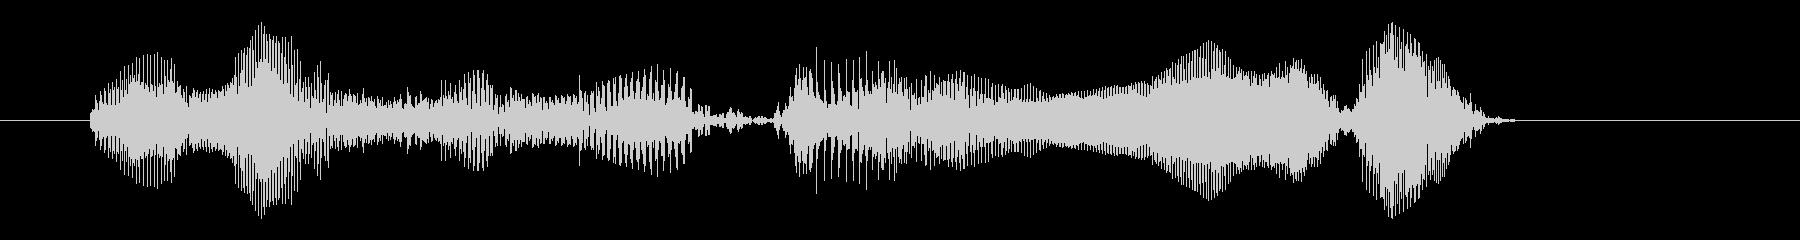 download now. Boy bright's unreproduced waveform